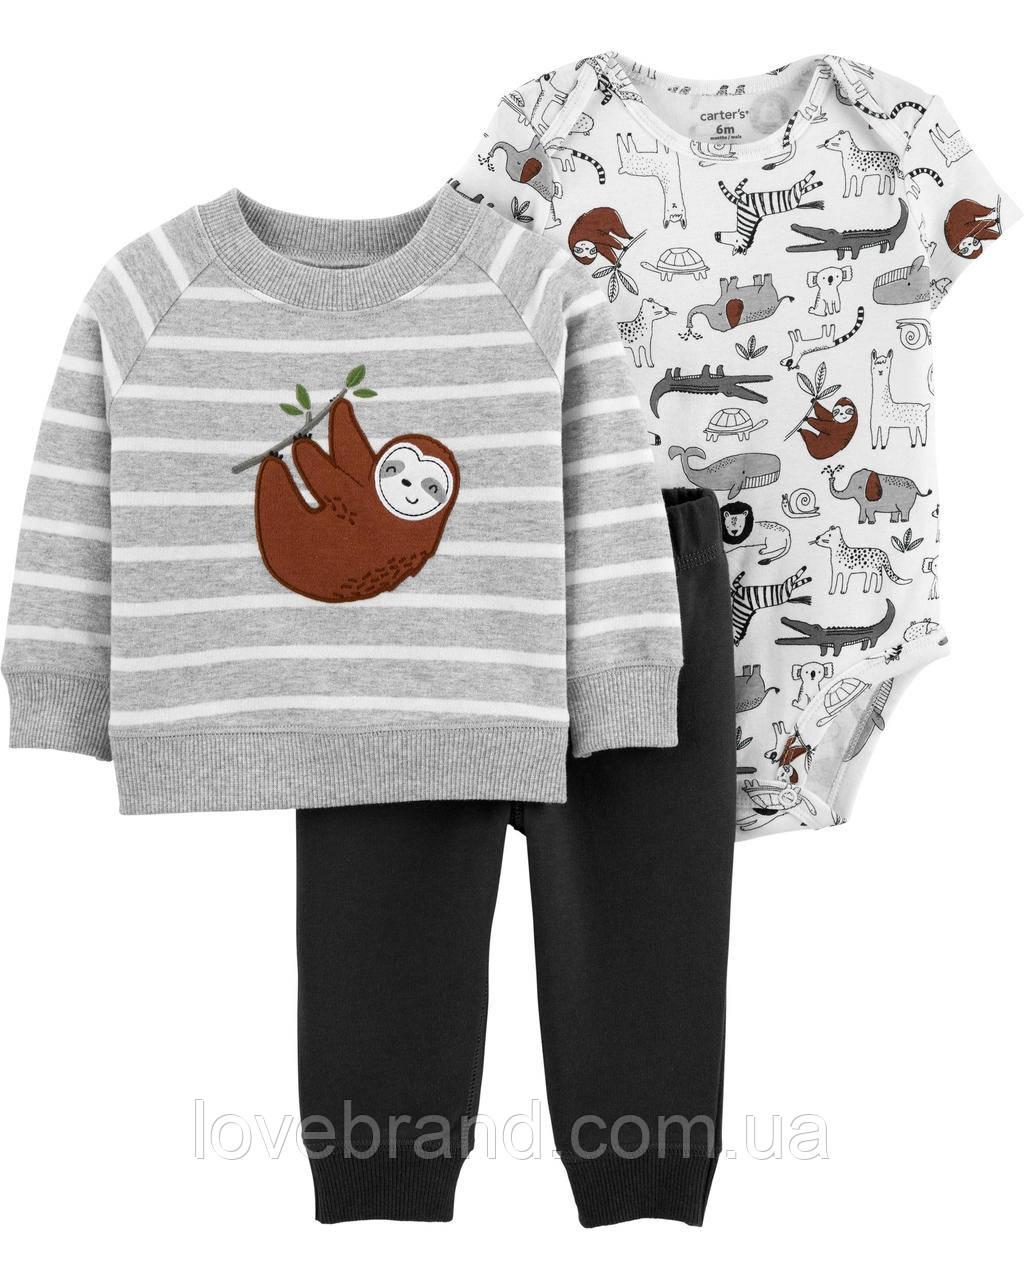 Спортивный костюм для мальчика carter's Ленивец кофточка + бодик + штанишки